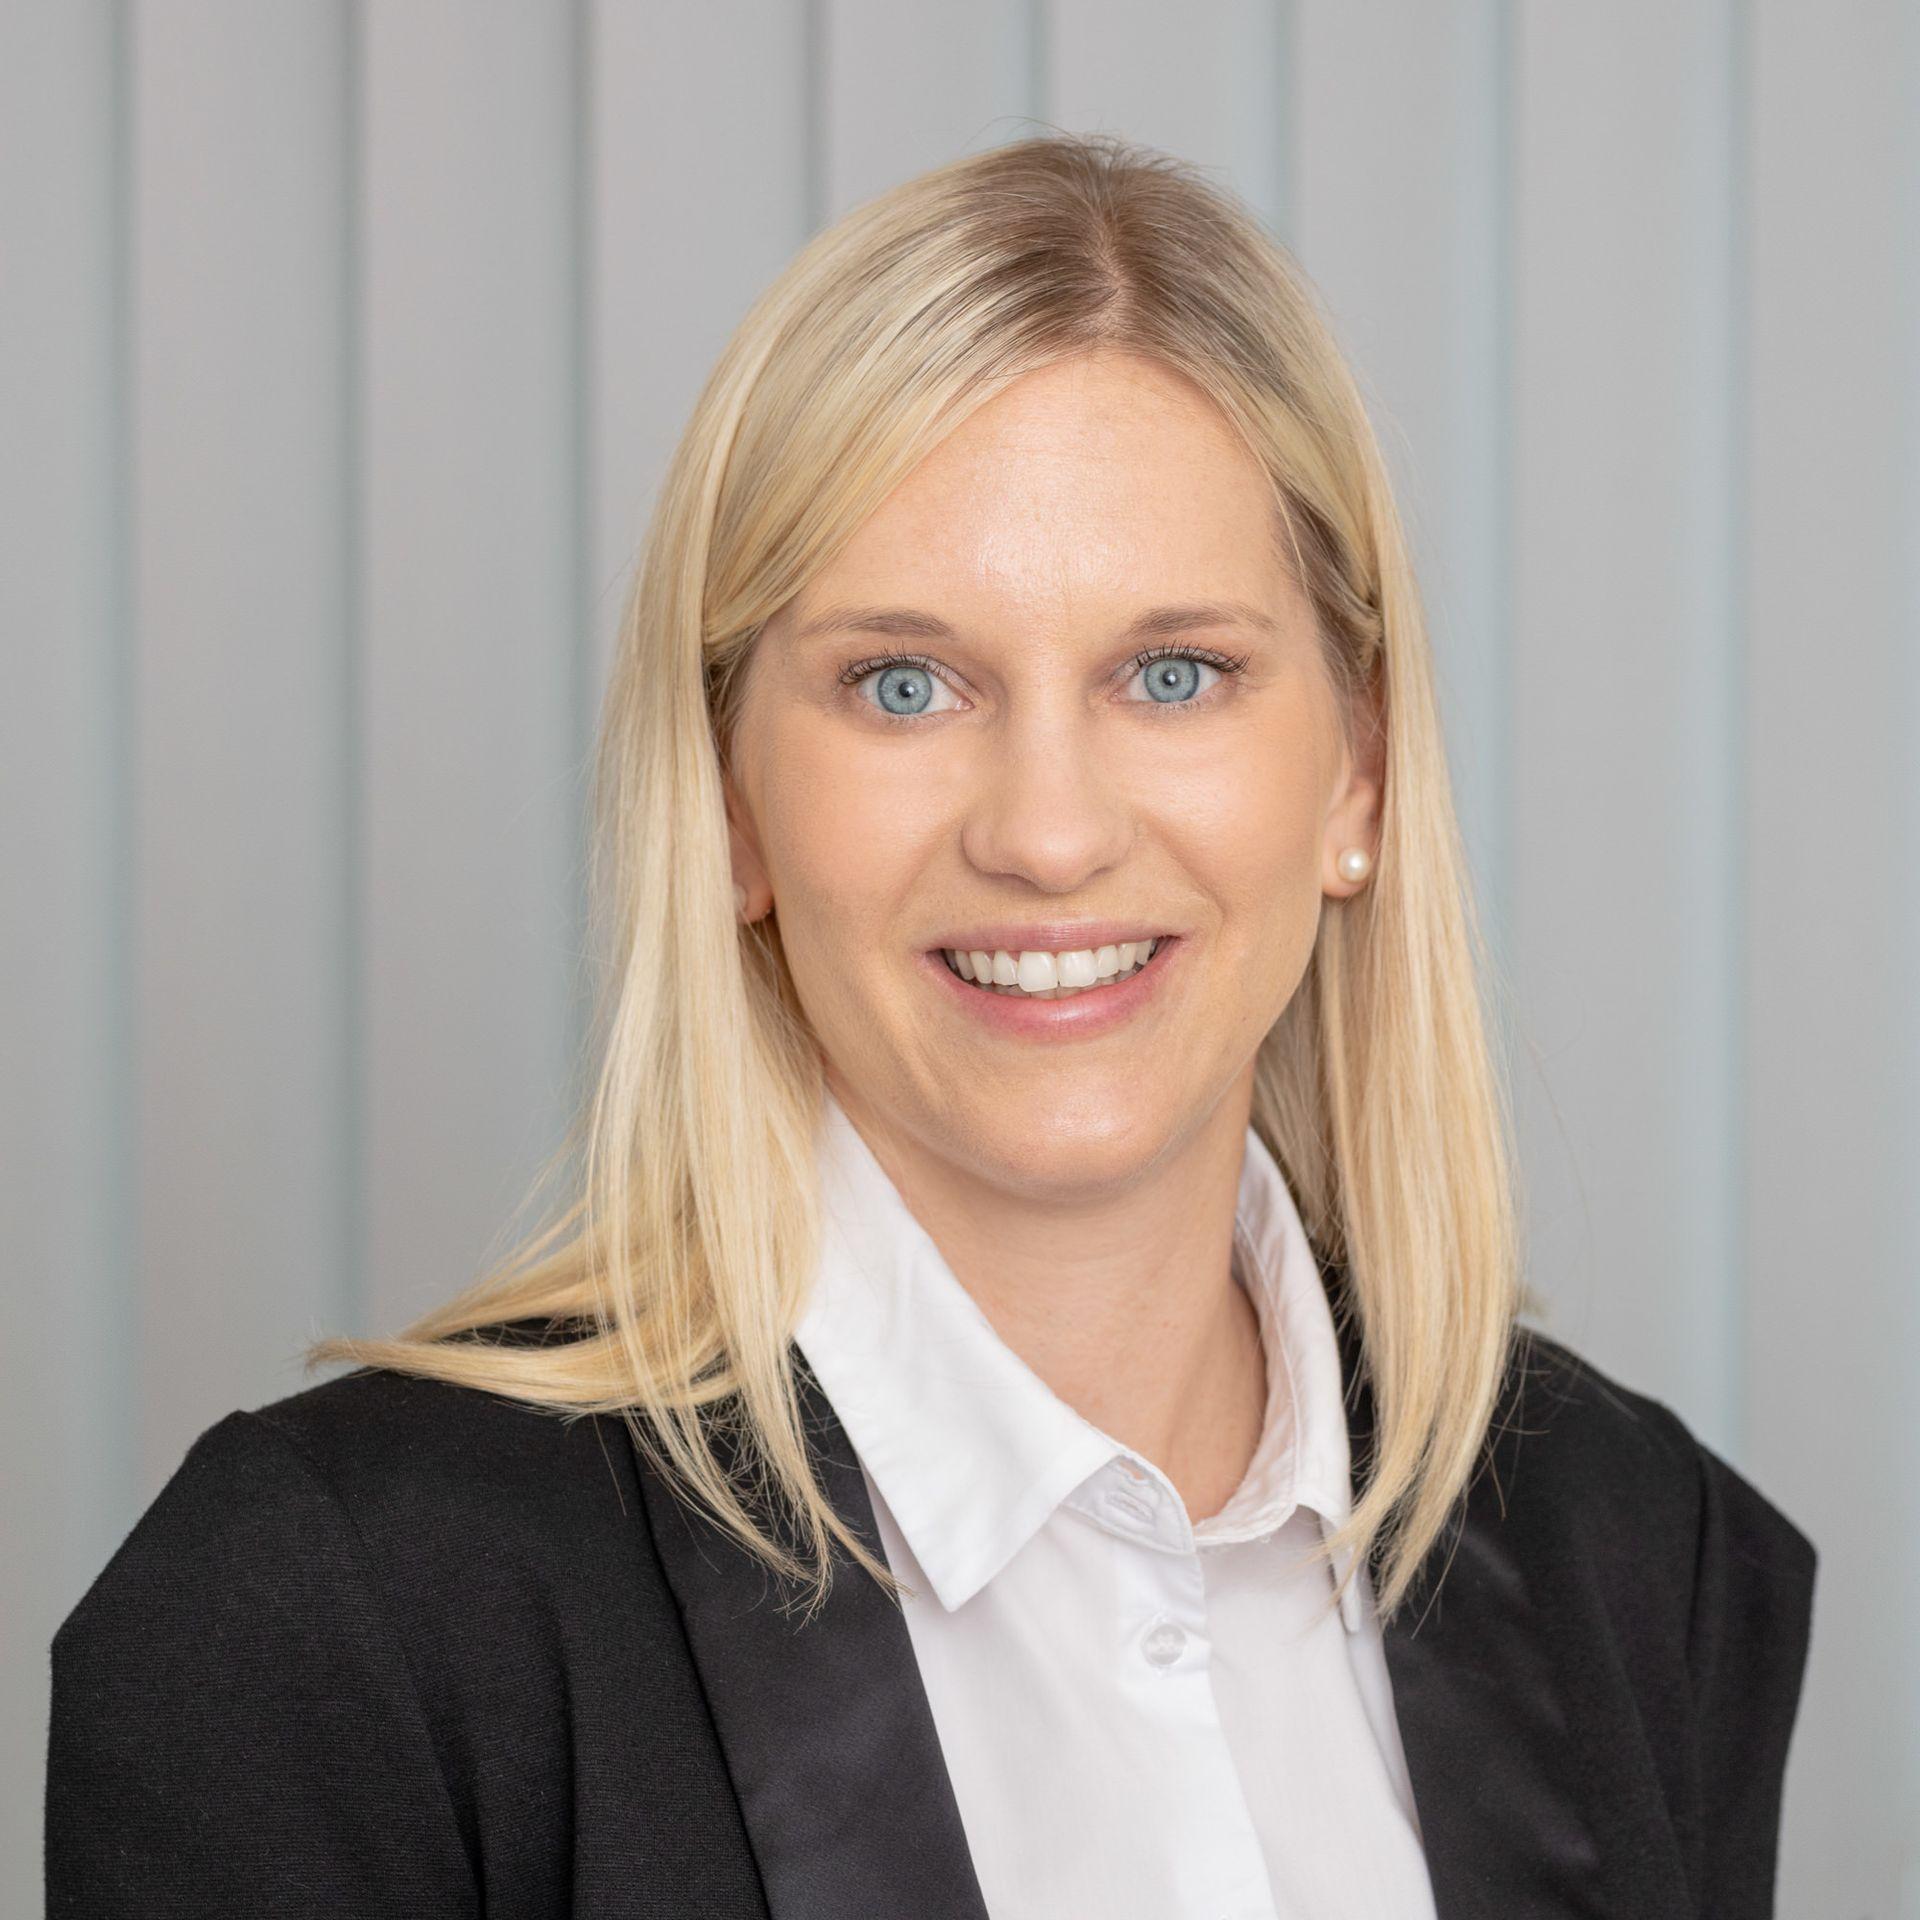 Rechtsanwältin Nina Schmitt | kanzleipraest